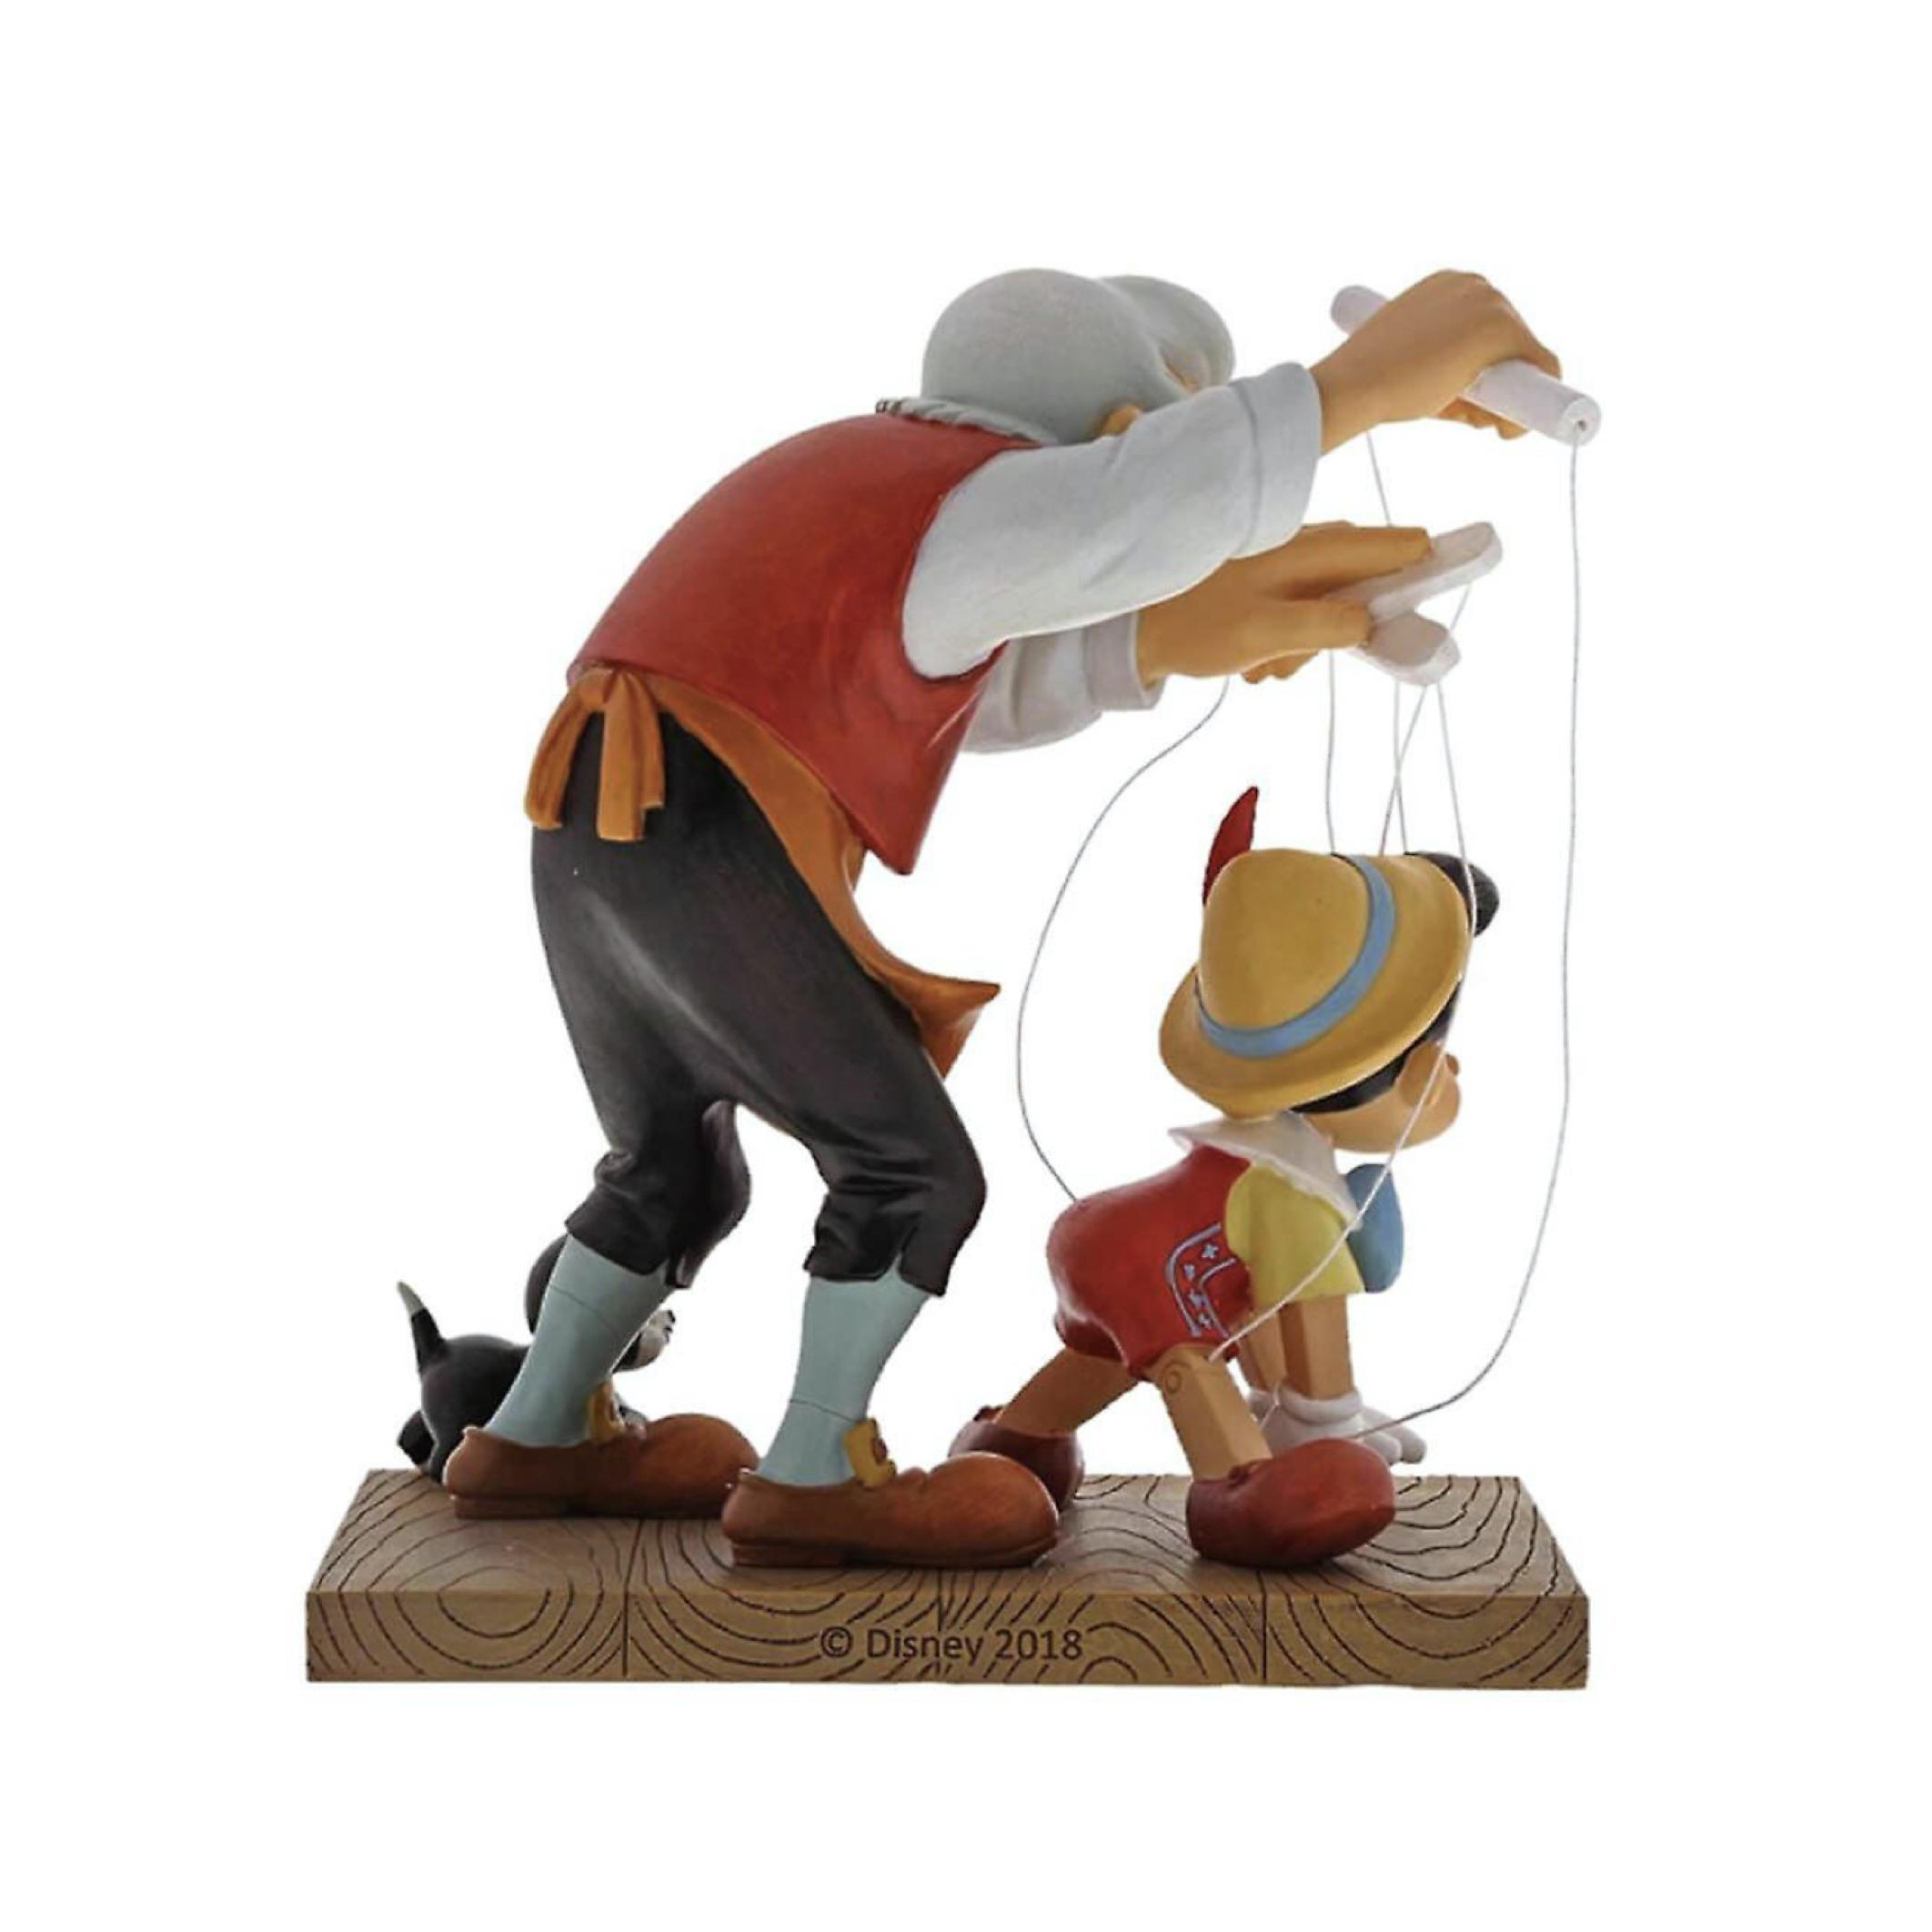 خرید مجسمه دیزنی مدل پینوکیو و پدر ژپتو